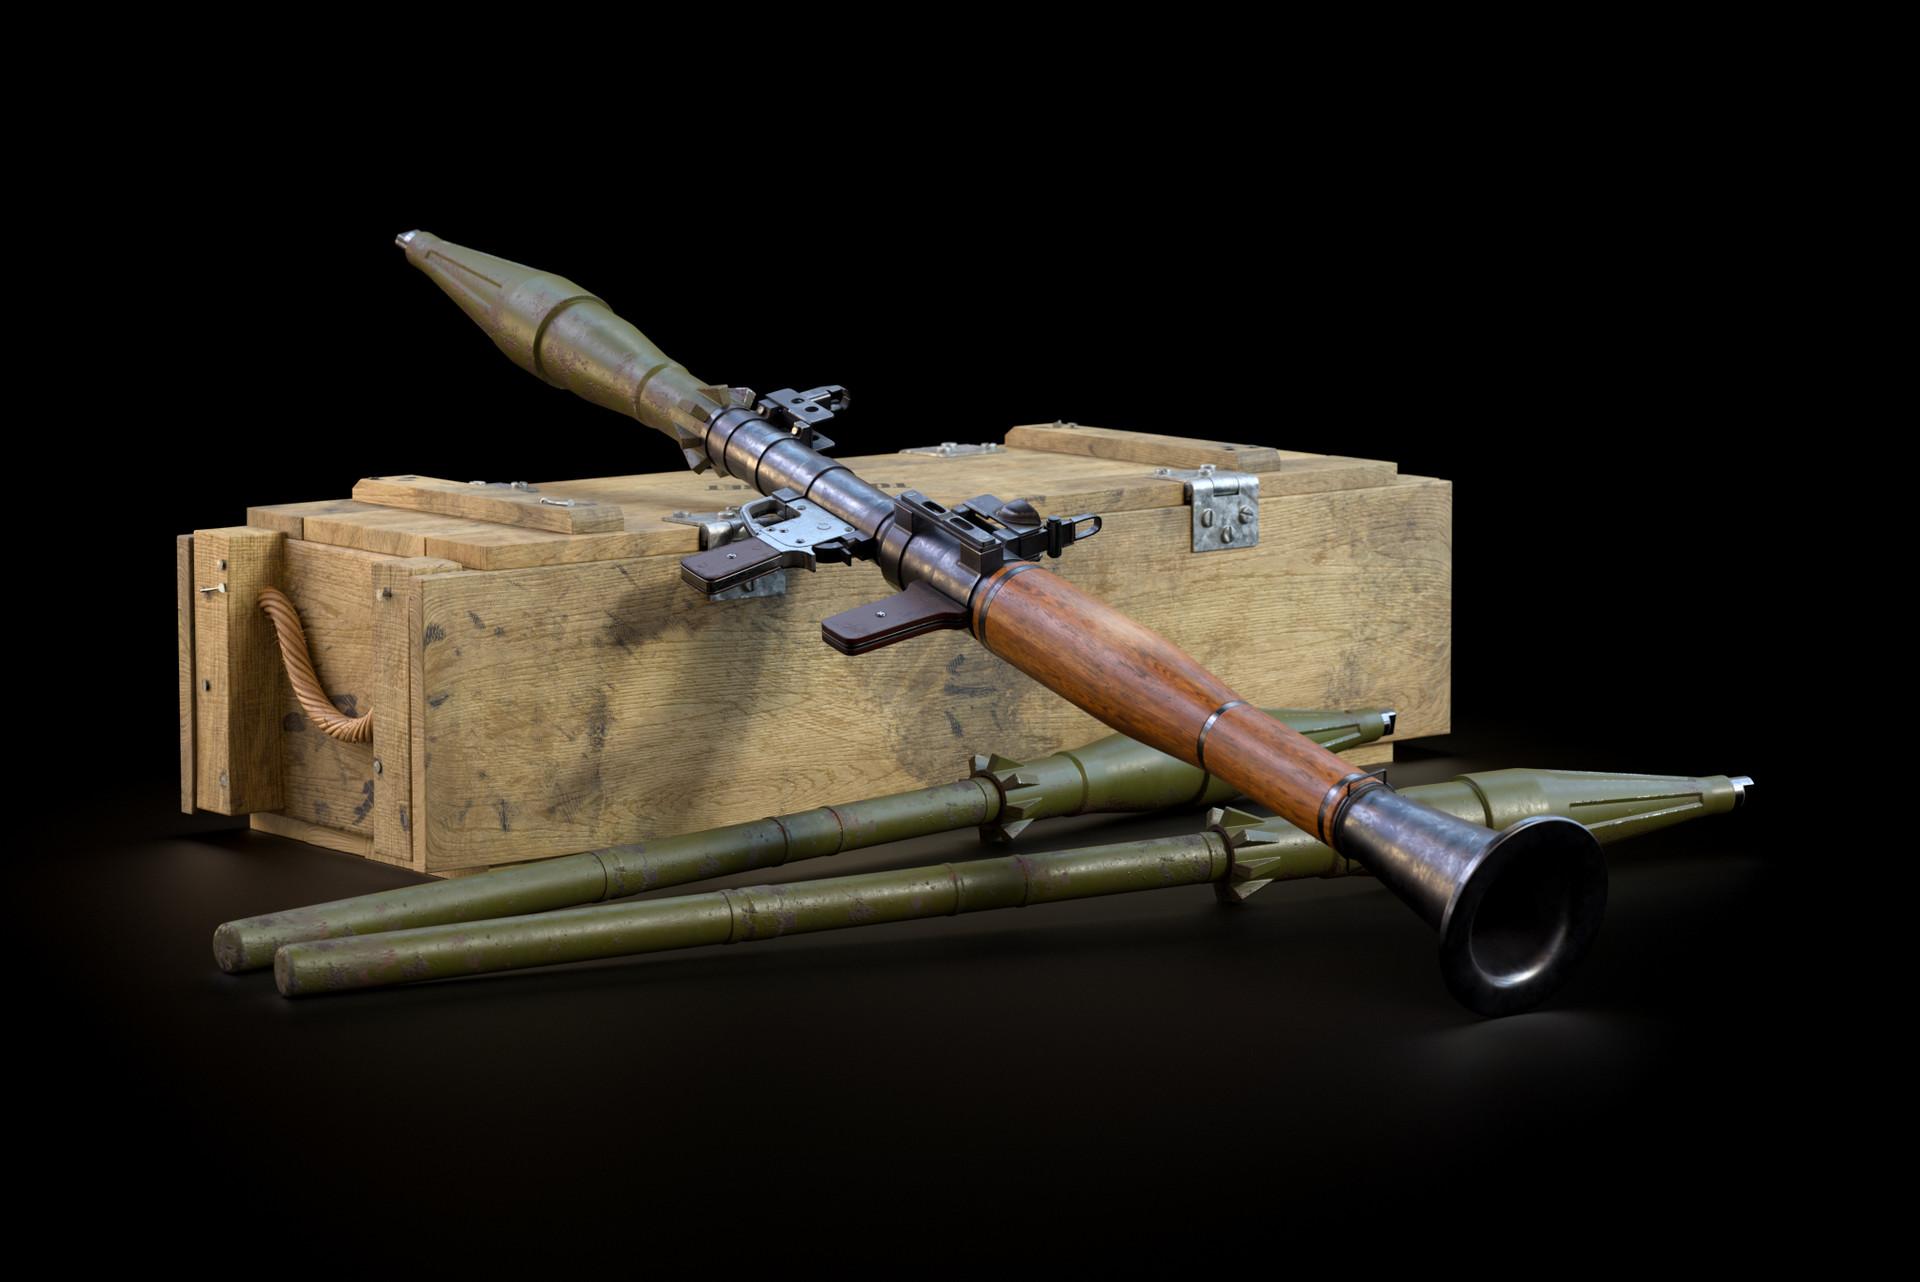 Dawid cencora bazooka2